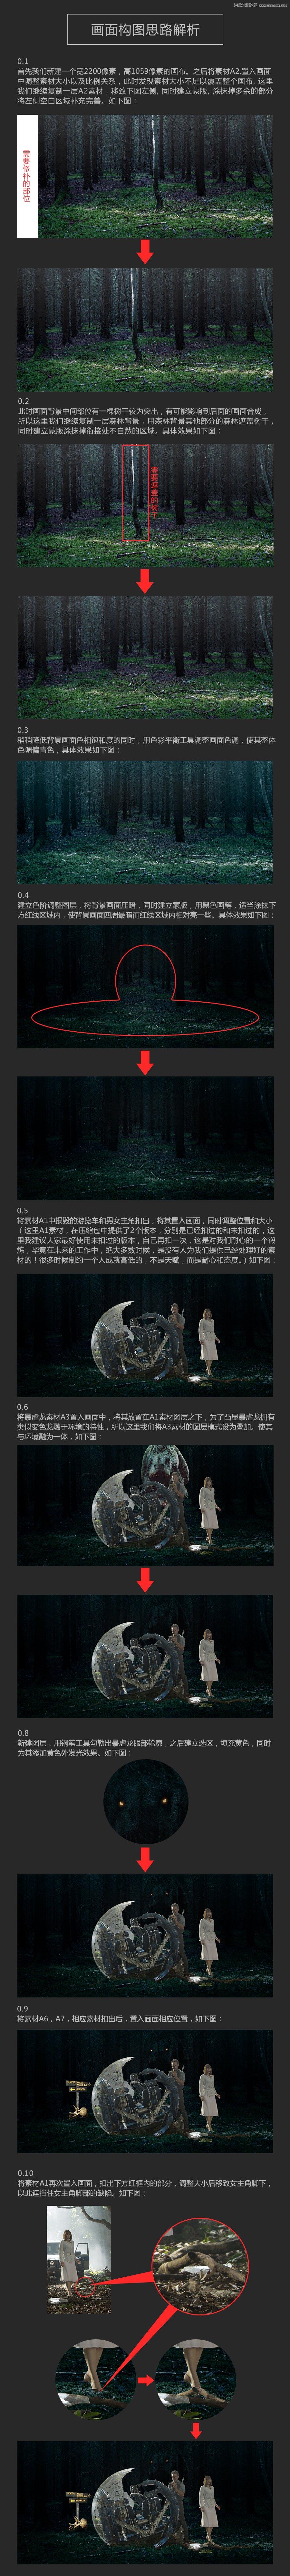 Photoshop设计大气的侏罗纪世界海报教程